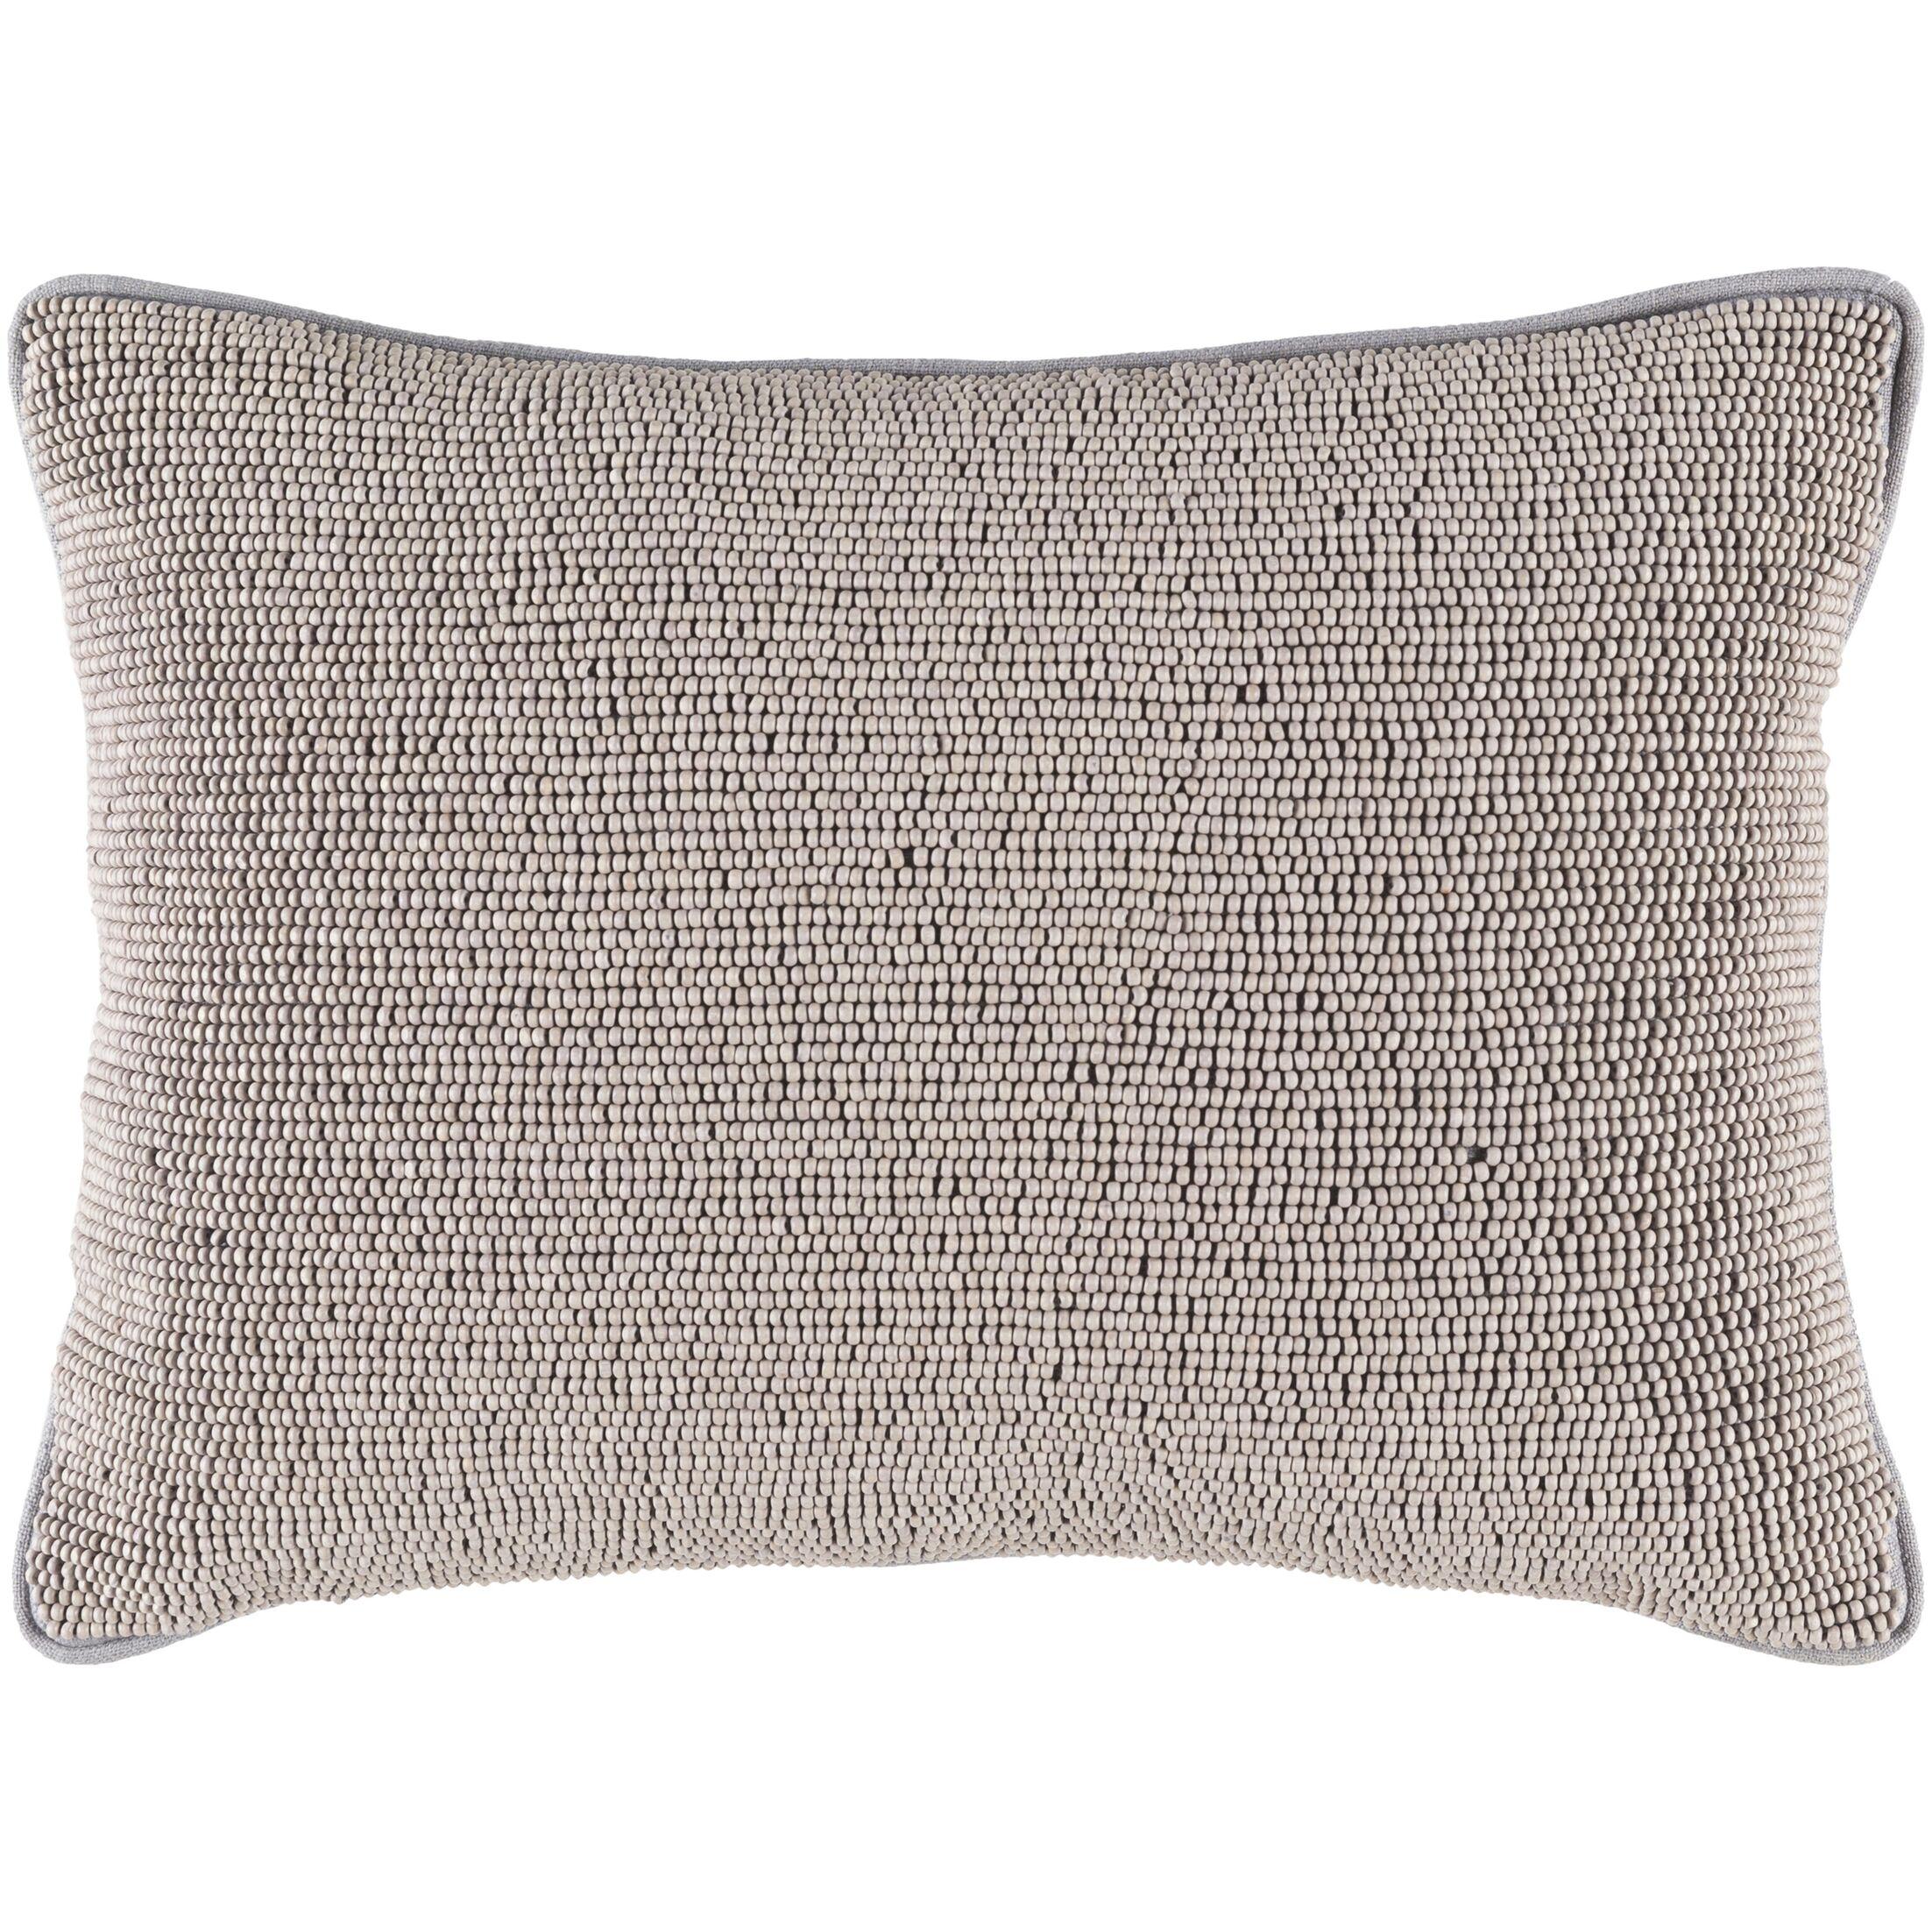 Attie 100% Cotton Lumbar Pillow Cover Color: Gray